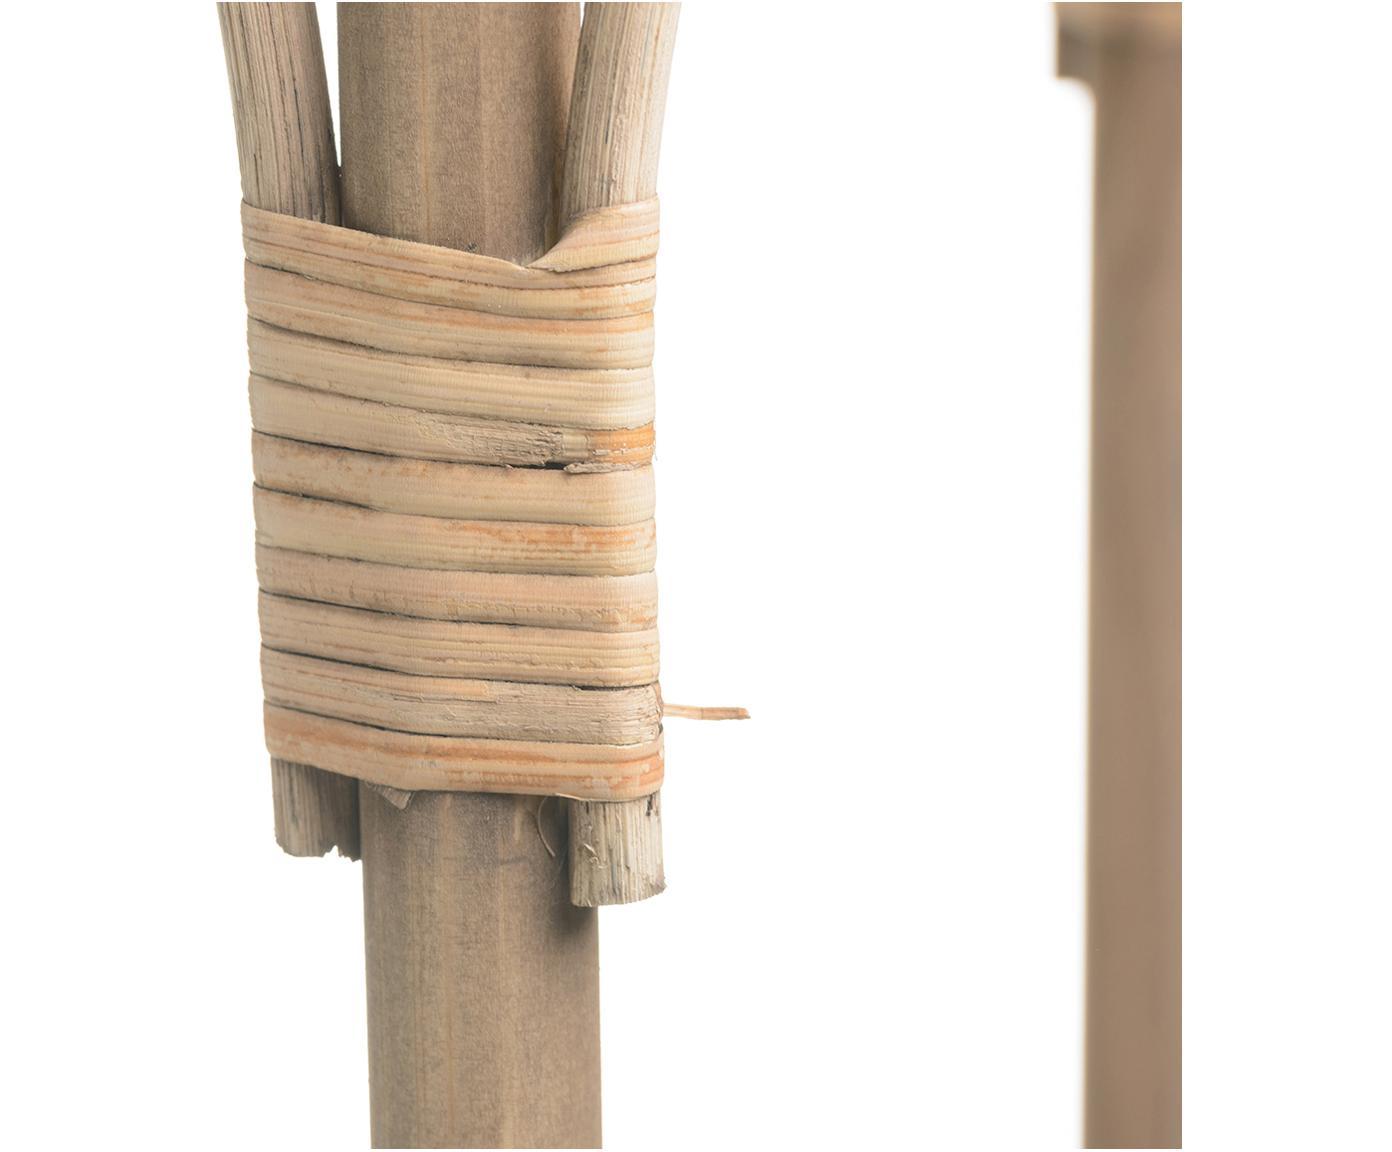 Rattan-Beistelltisch Nature mit Rollen, Rattan, Beige, Ø 42 x H 68 cm